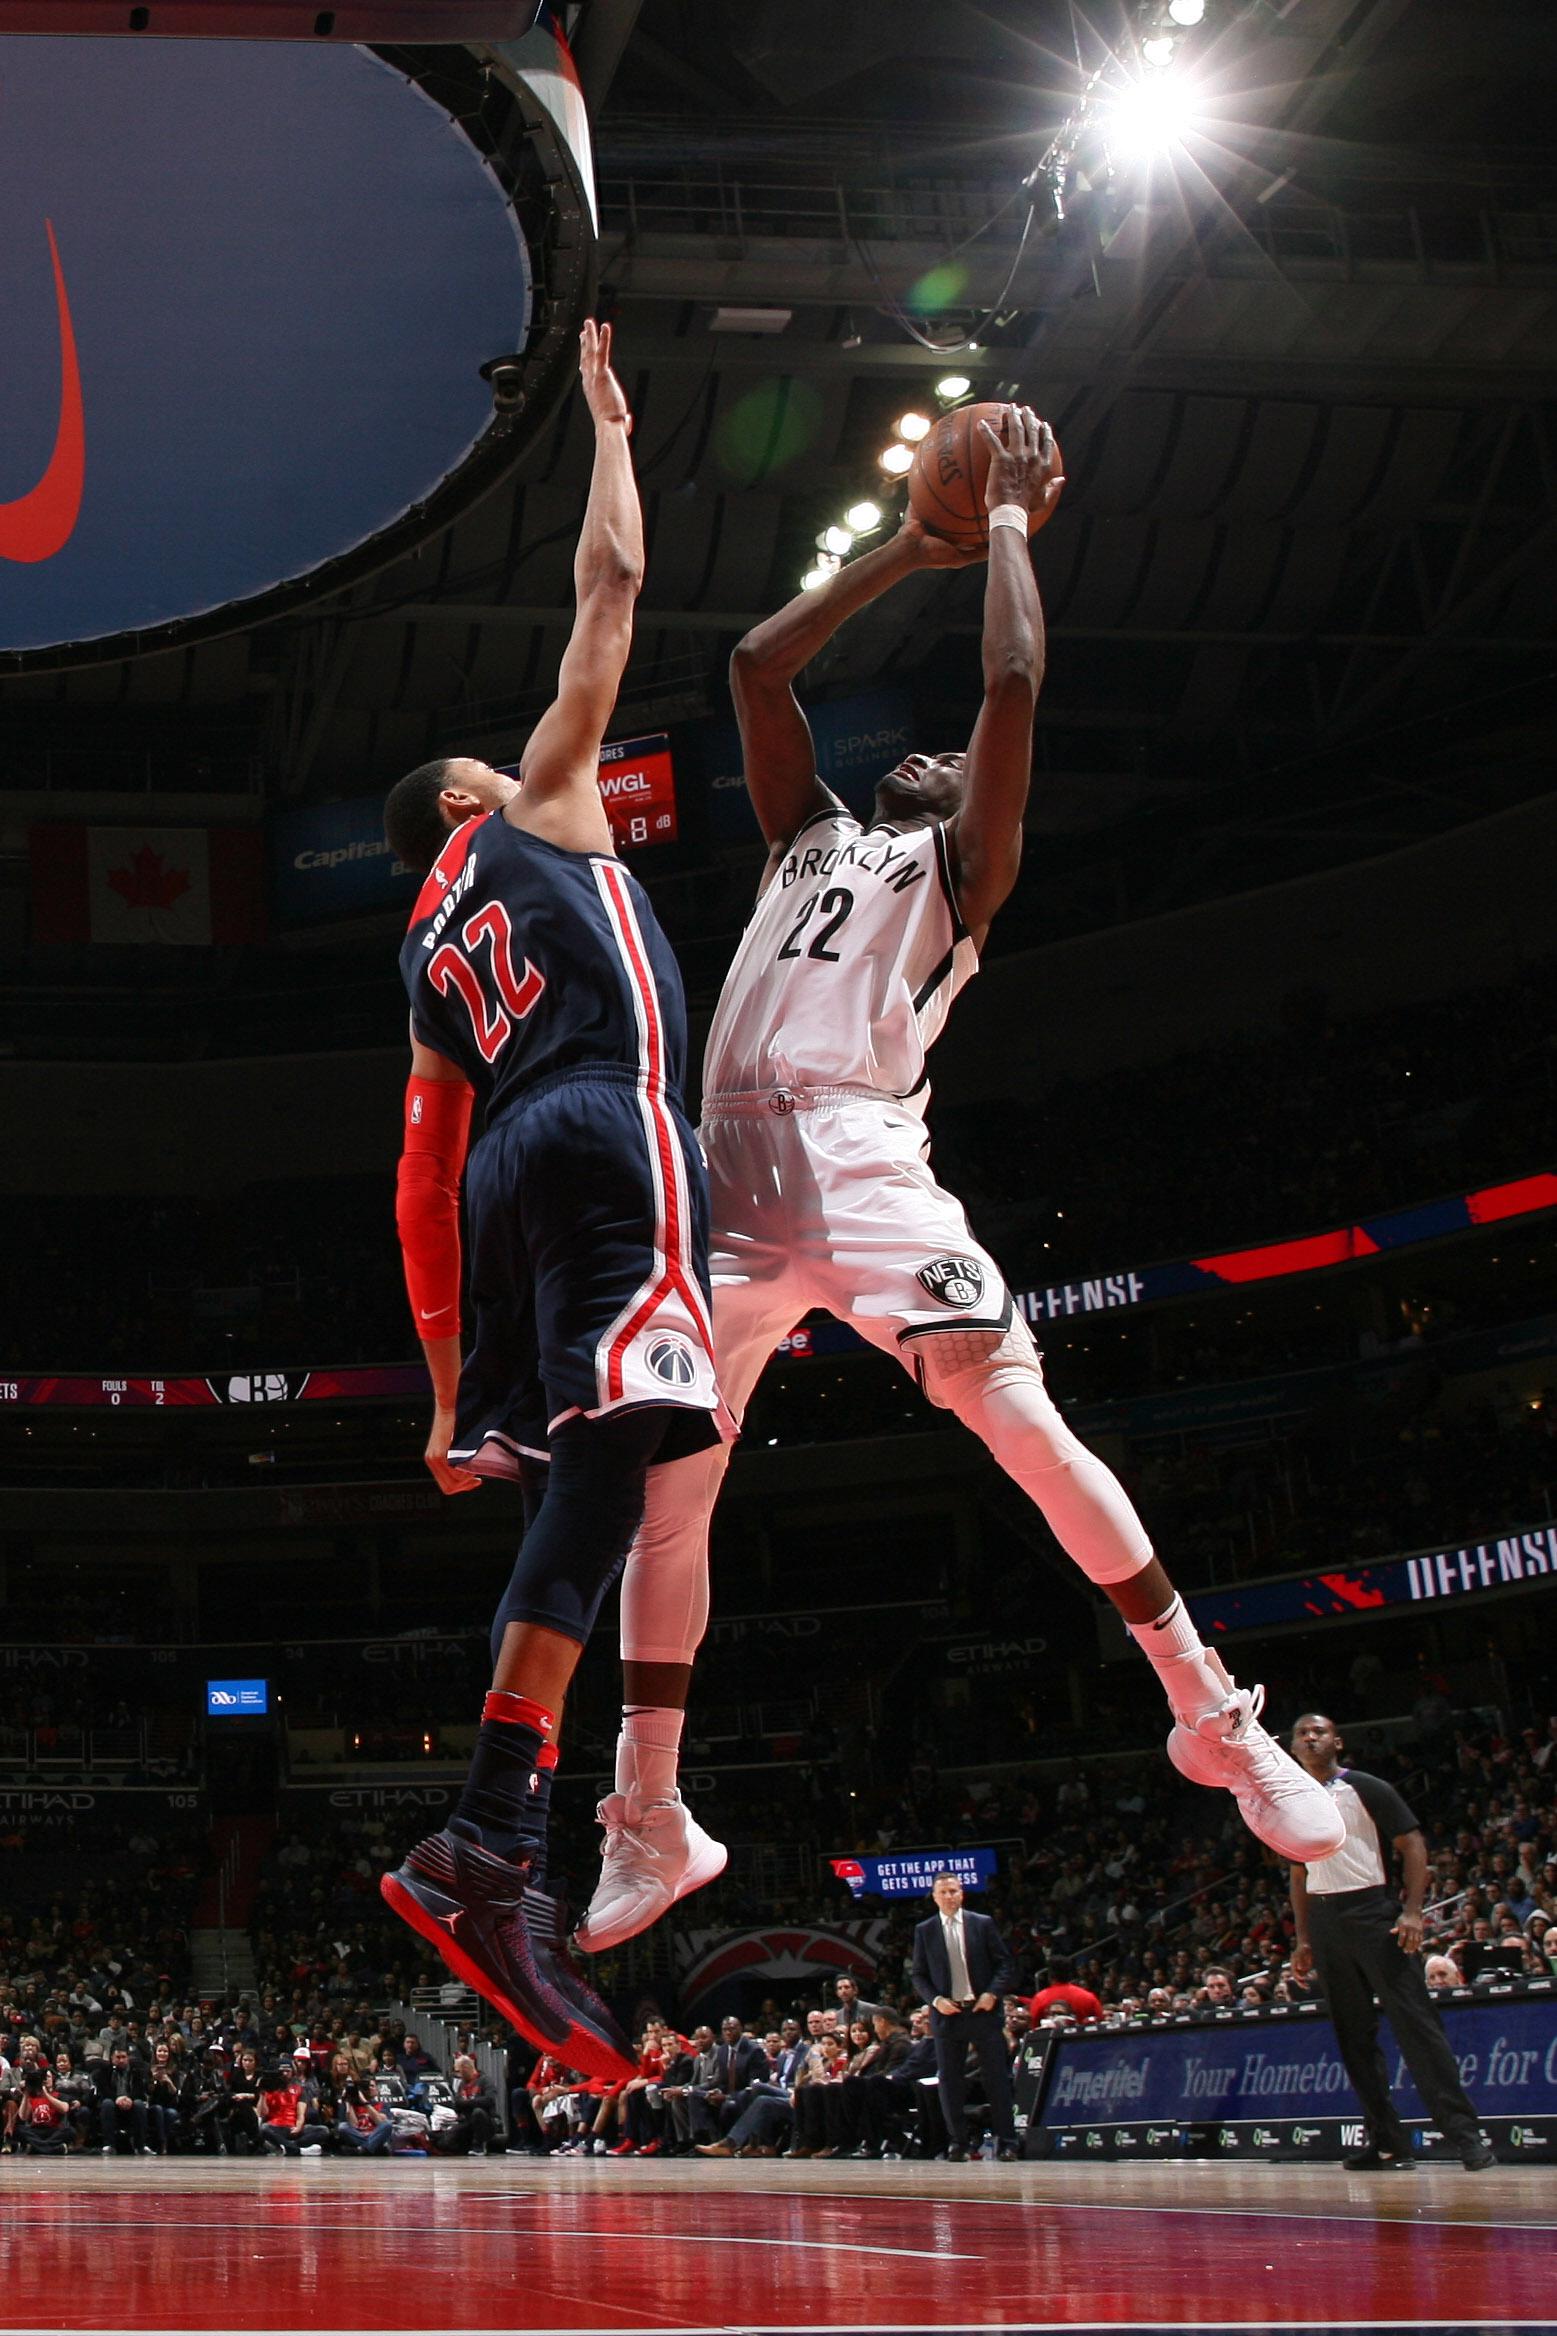 Brooklyn-Nets-Washington-Wizards-20180113-21.JPG